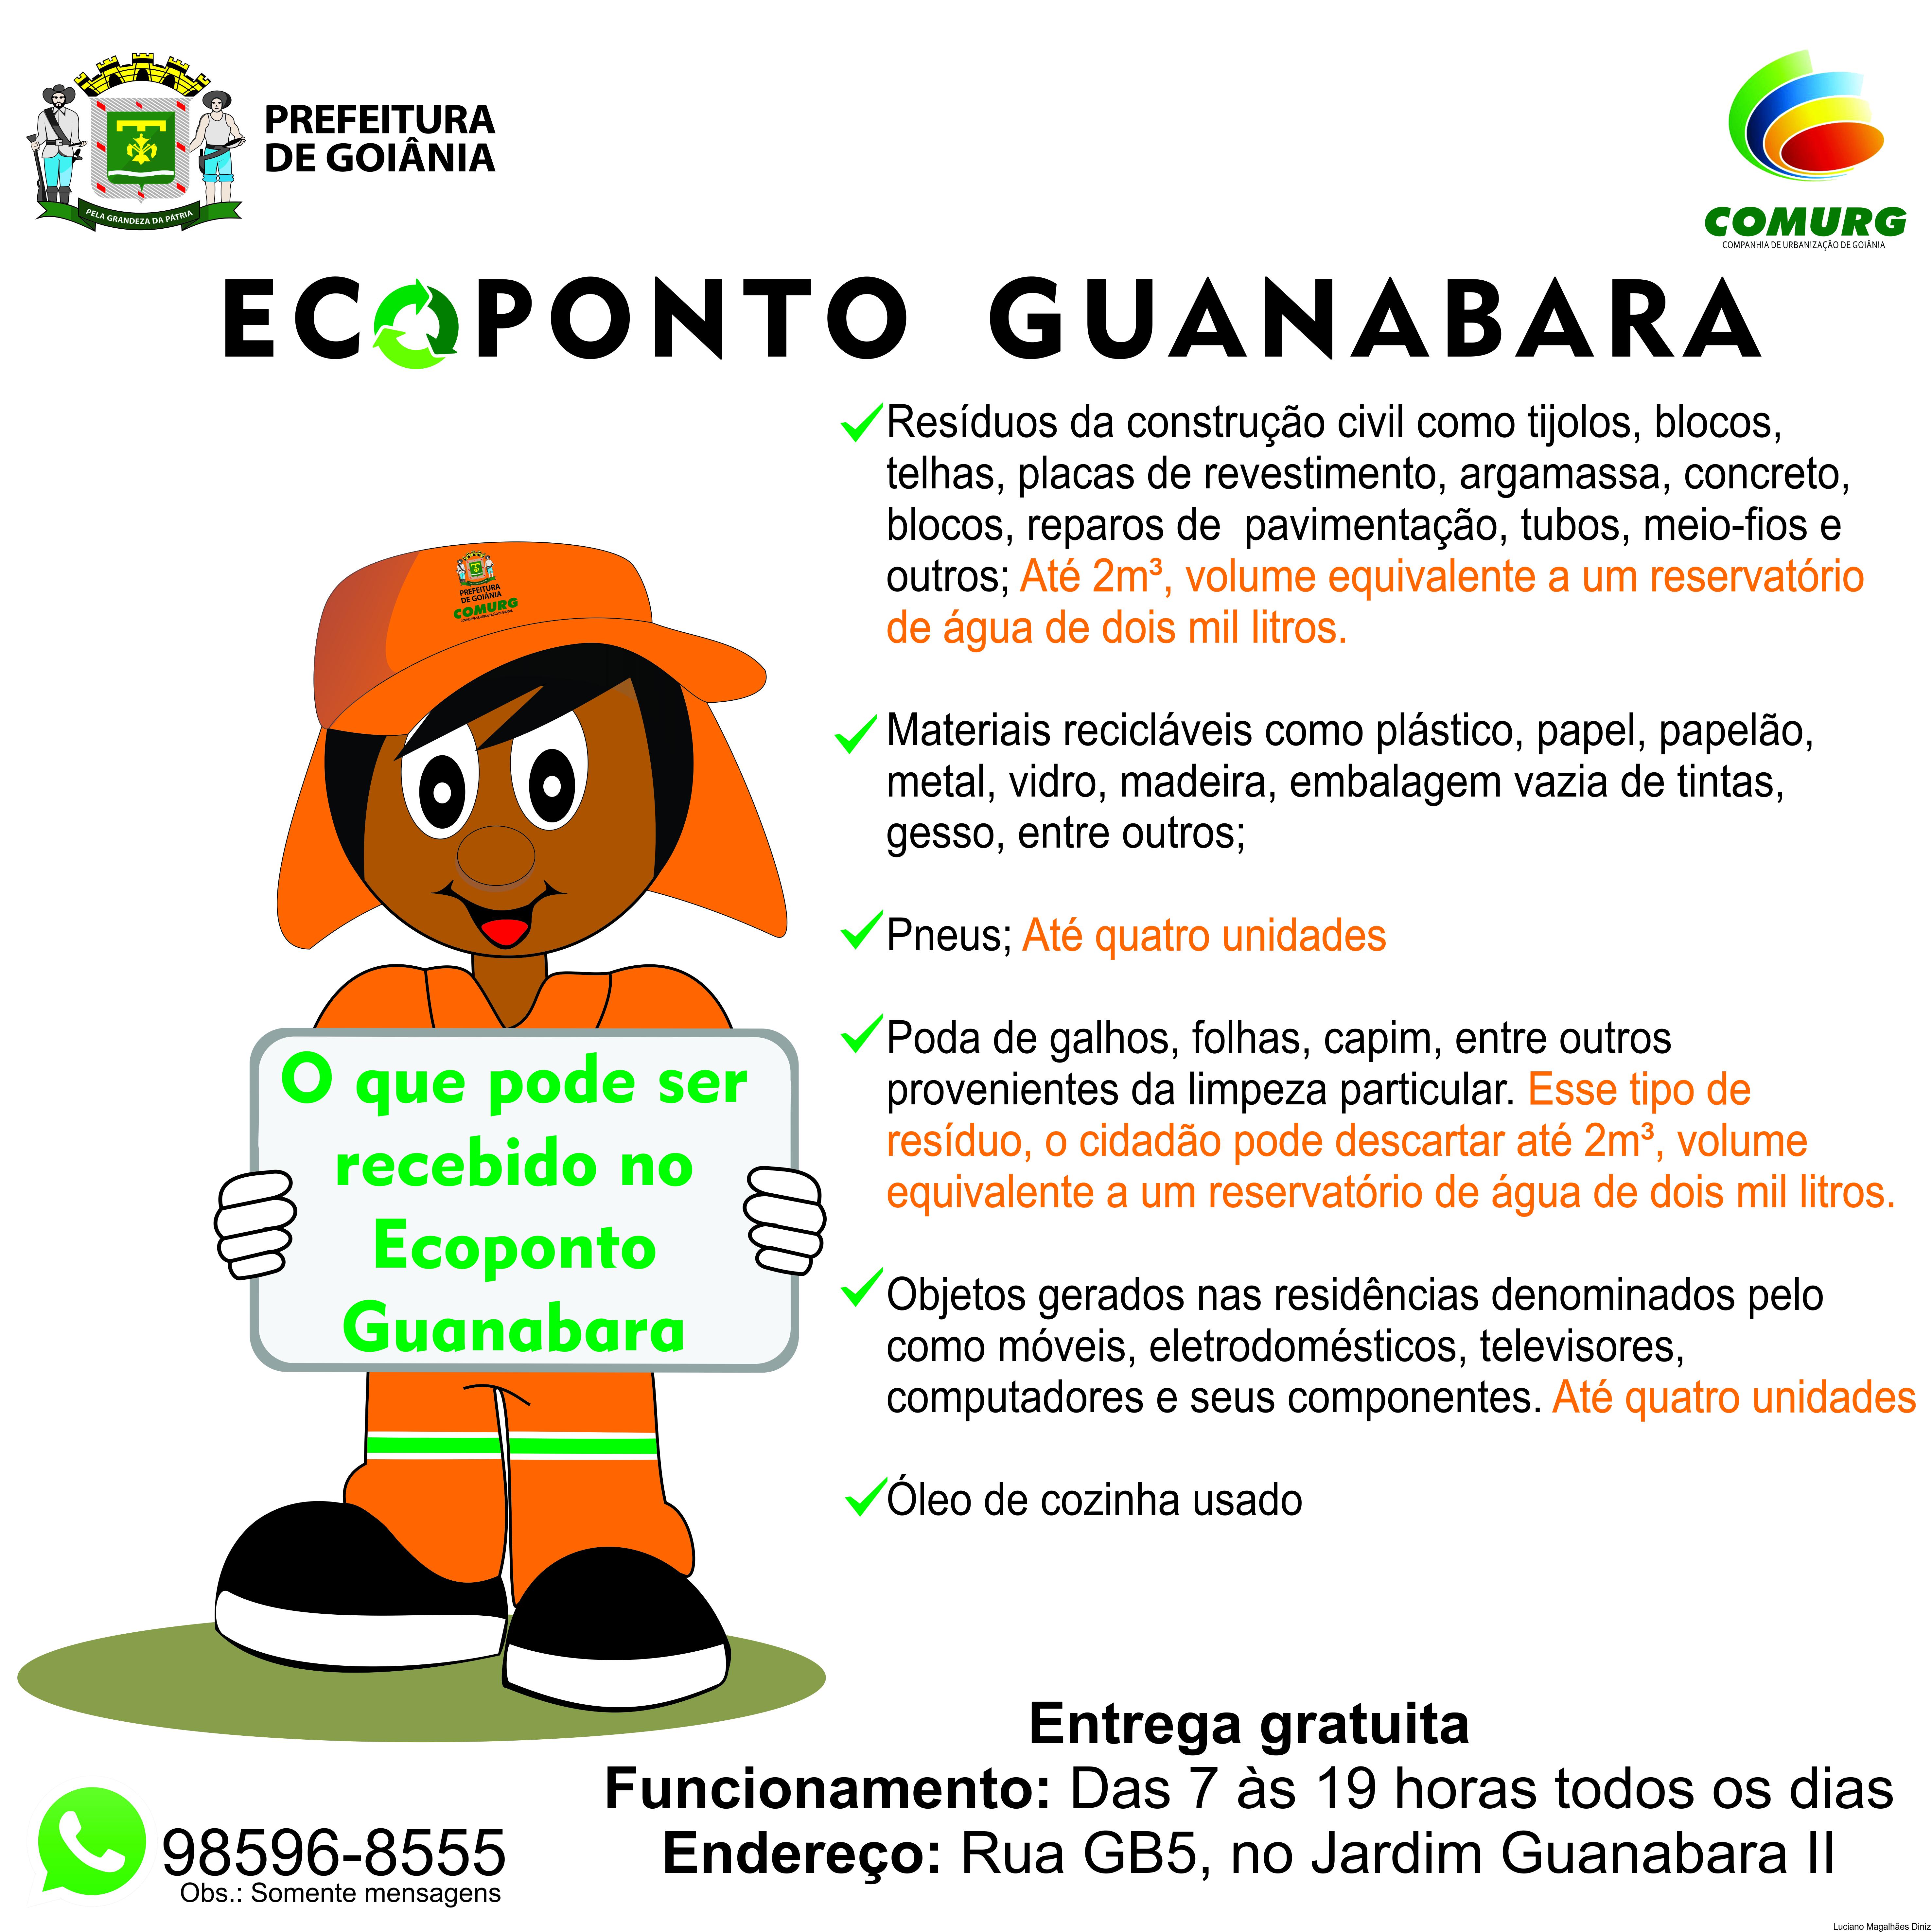 Ecoponto da Comurg no Jardim Guanabara recebe depósitos gratuitos de móveis, entulho, pneus e até eletrodomésticos | Foto: Divulgação / Comurg